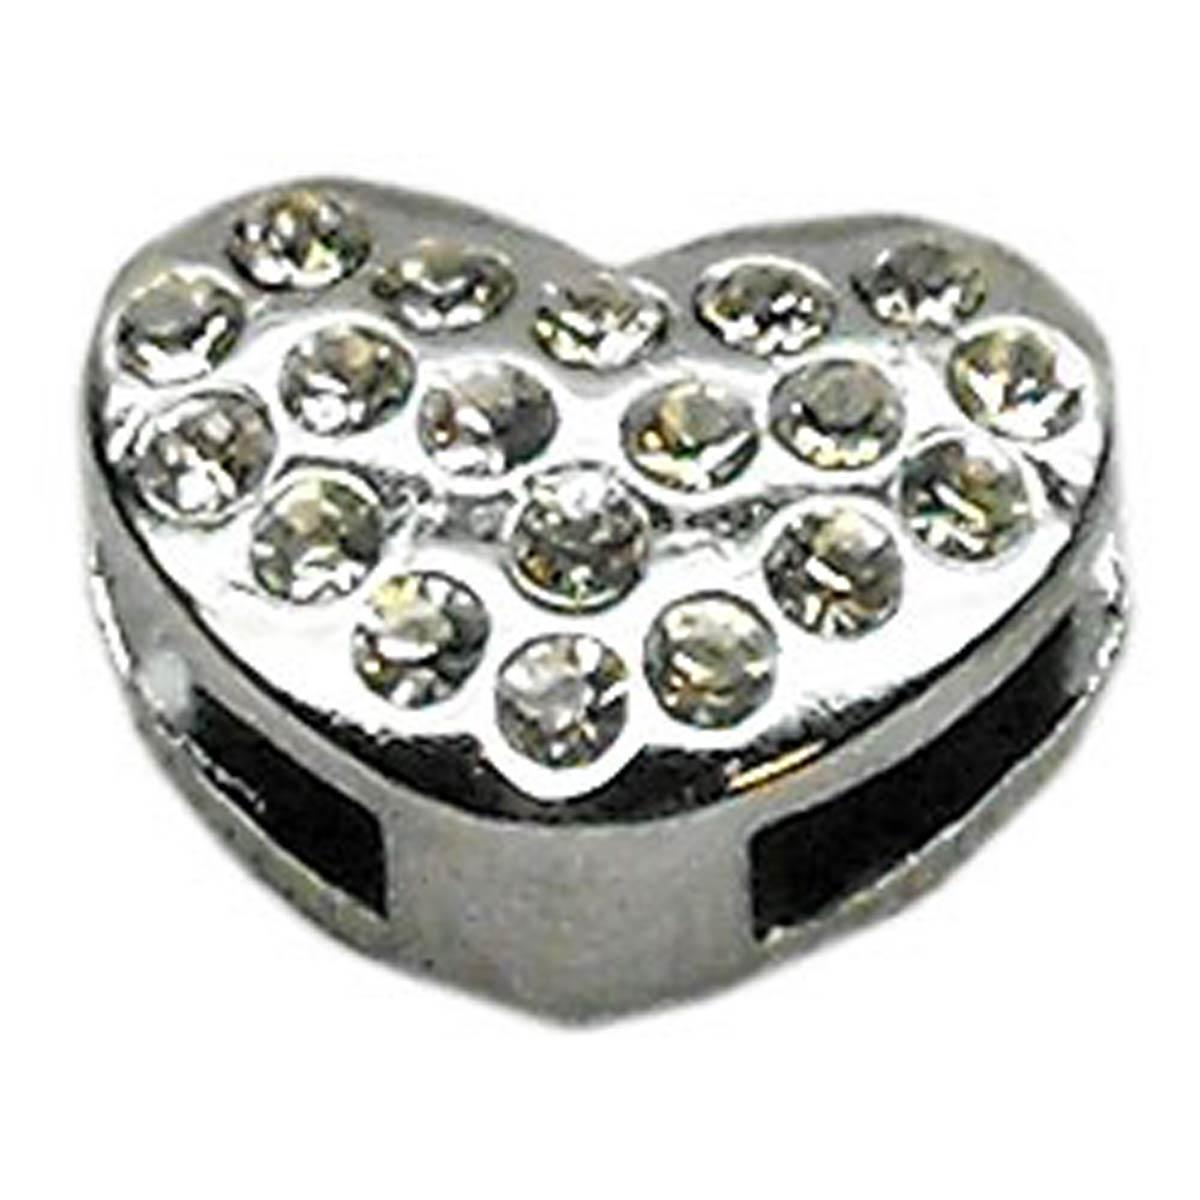 Puffy Heart Slider Dog Collar Charm - Clear